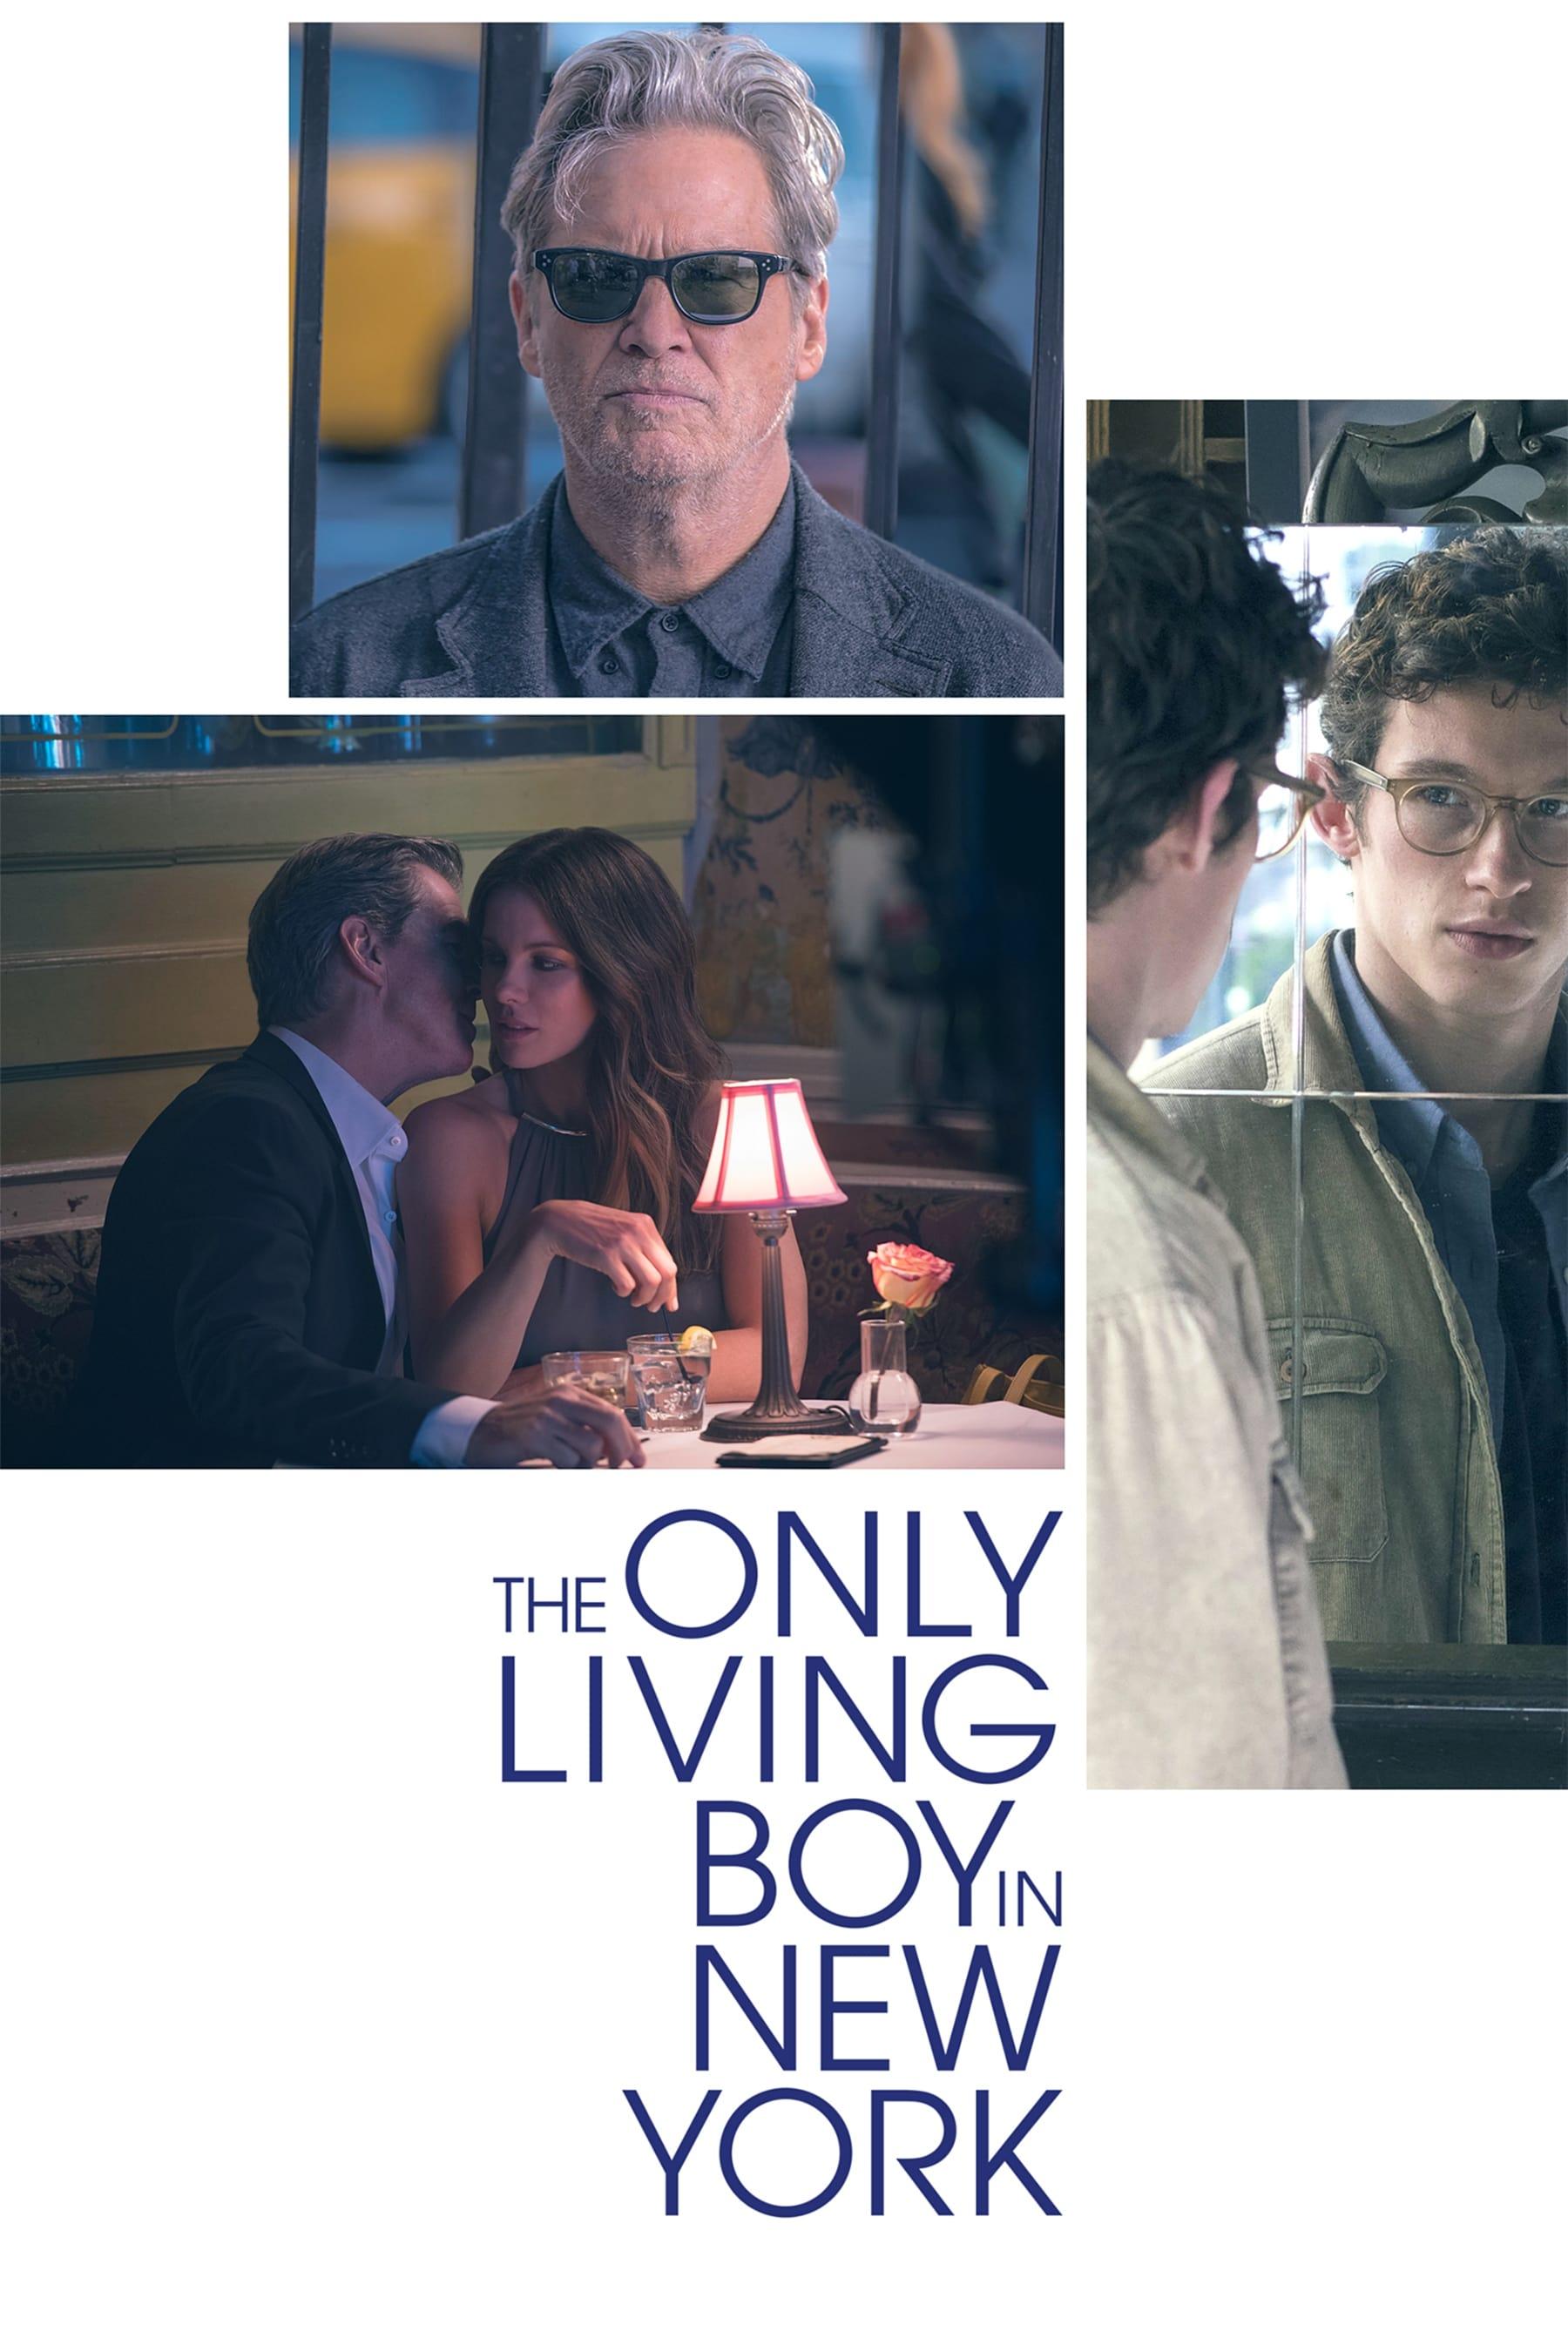 ერთადერთი ცოცხალი ბიჭი ნიუ იორკში